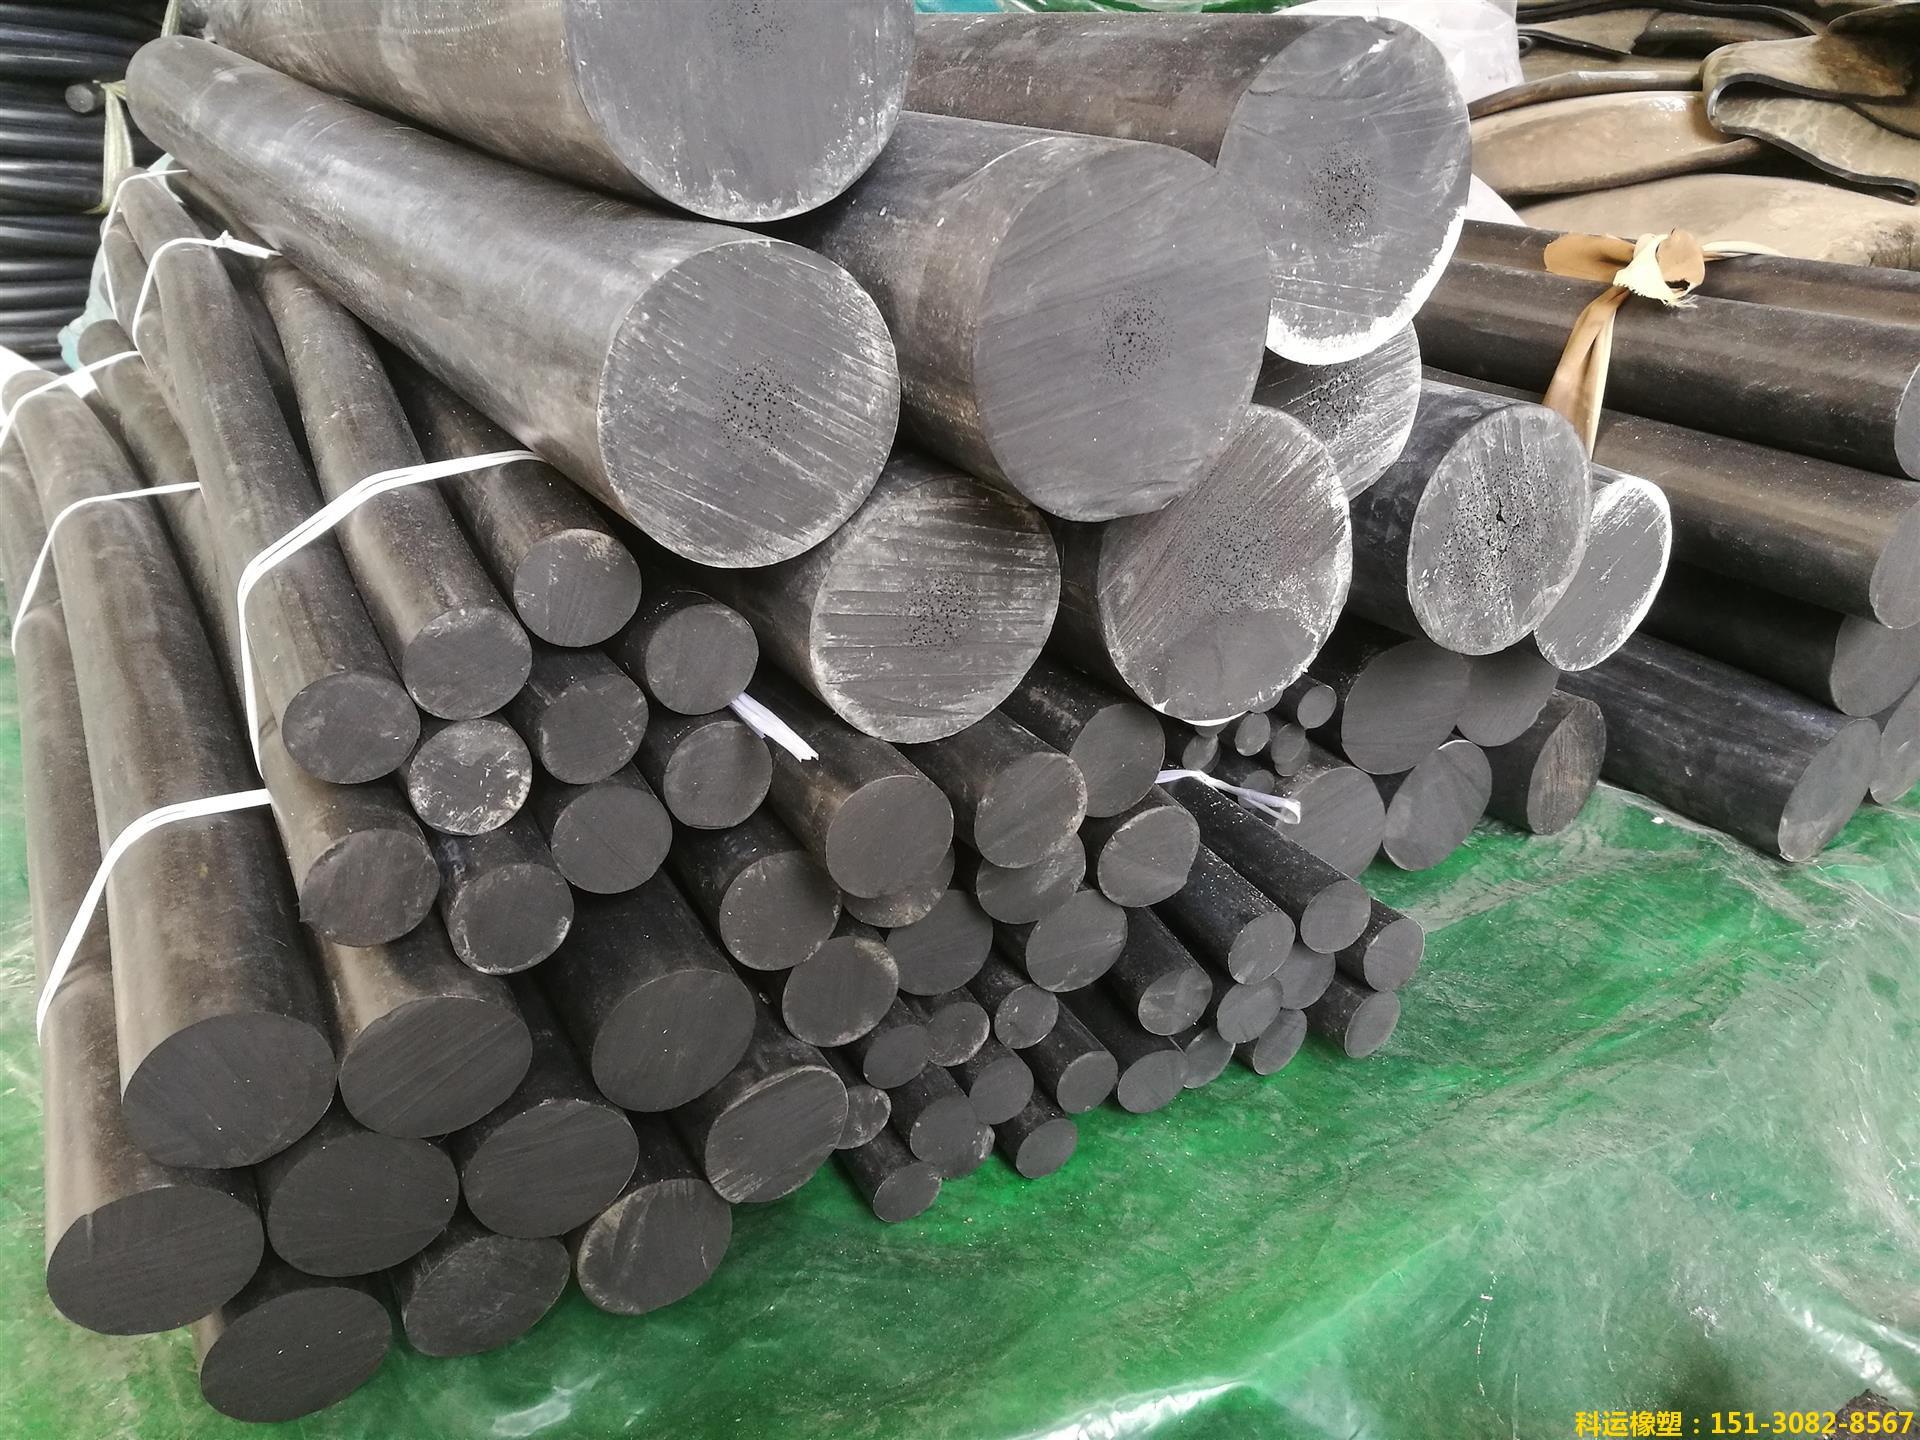 面板坝嵌缝氯丁橡胶棒-科运橡塑国标优质面板坝嵌缝氯丁橡胶棒批发3